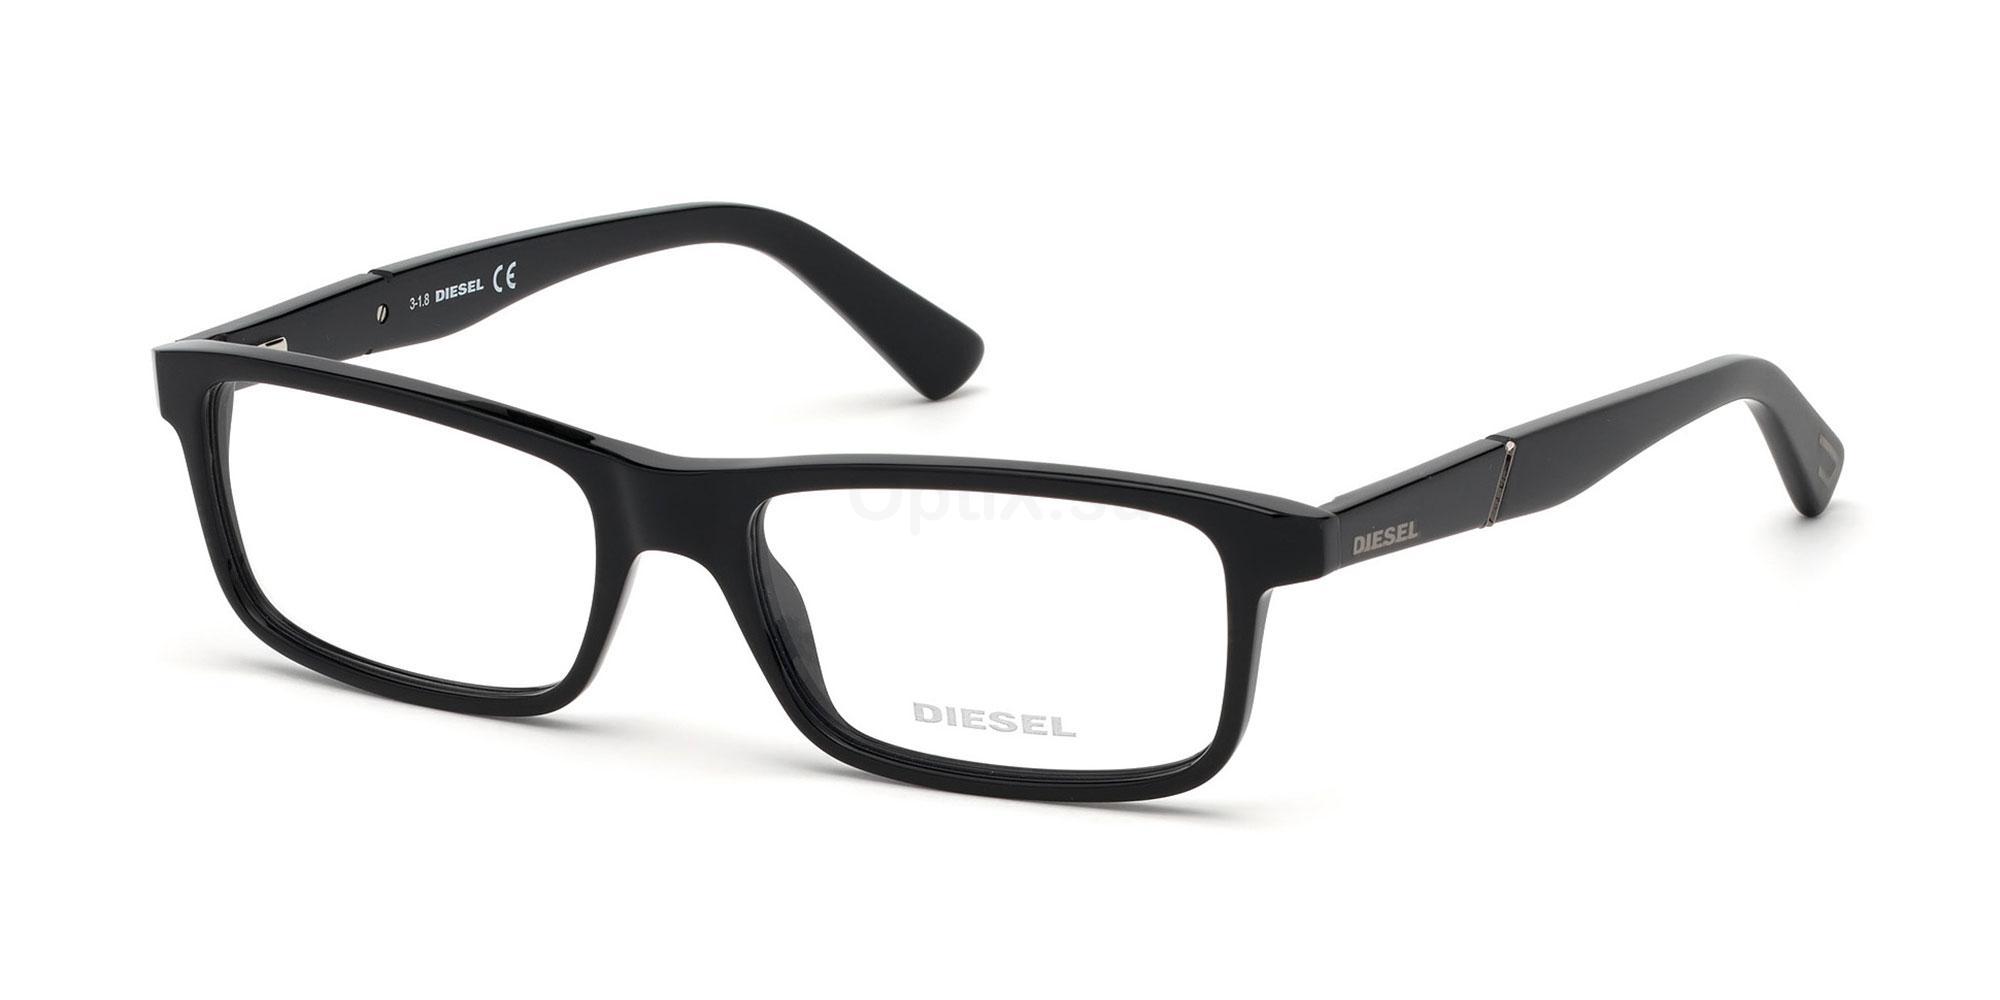 001 DL5292 Glasses, Diesel